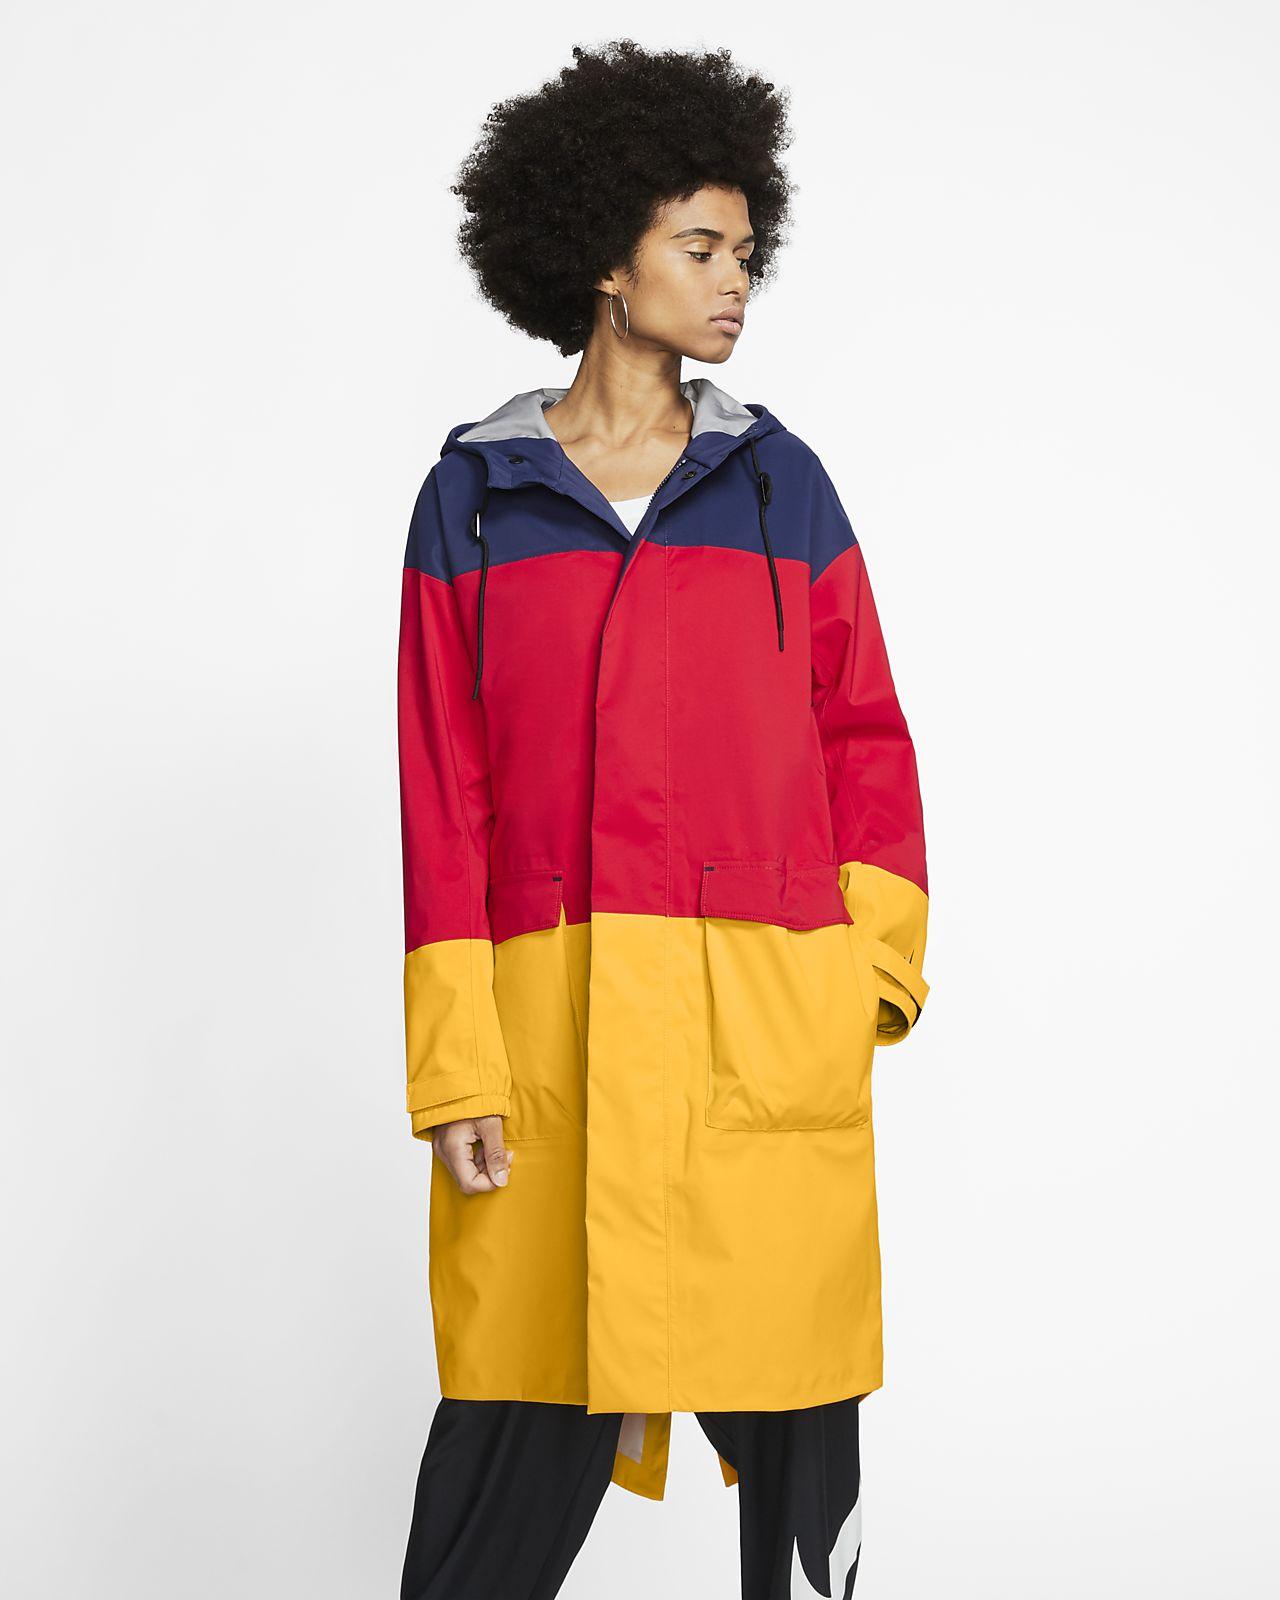 Nike 女子外套